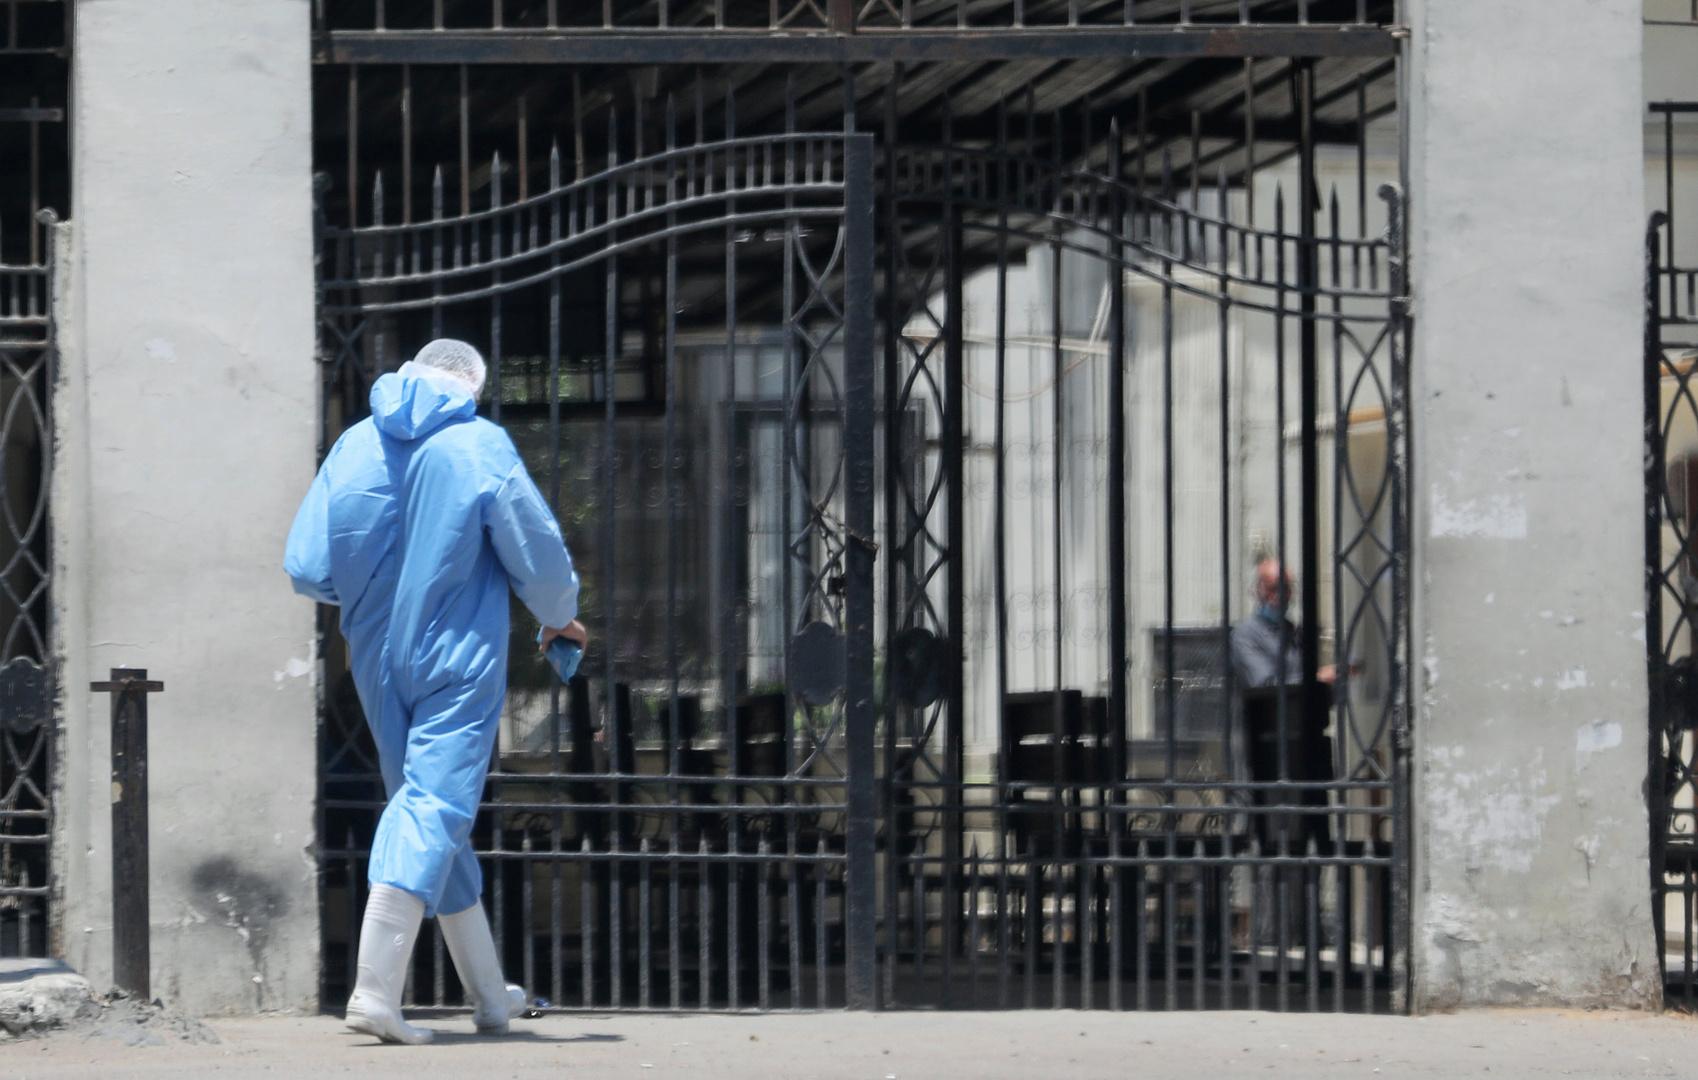 مصر تتفق مع الصين على تصنيع اللقاح المضاد لفيروس كورونا